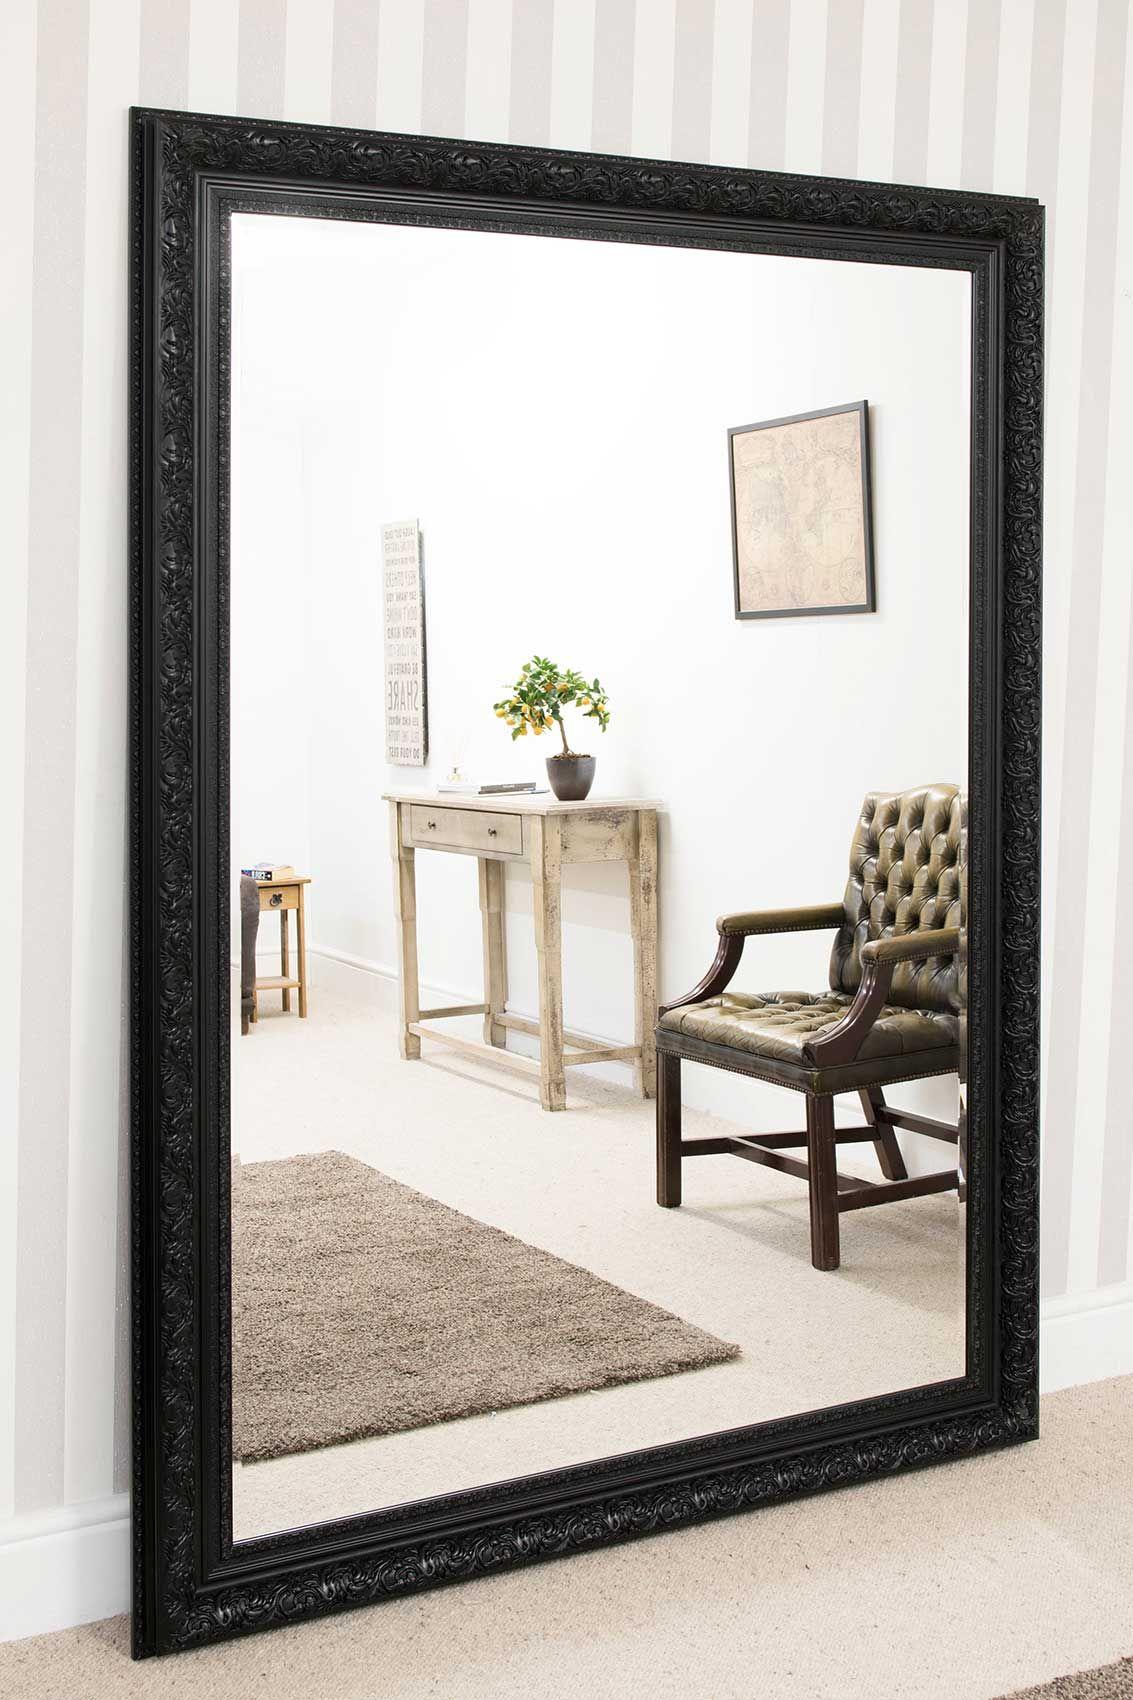 Devonshire Large Black Framed Mirror 215x154cm Black Mirror Frame Large Framed Mirrors Mirror Wall Living Room